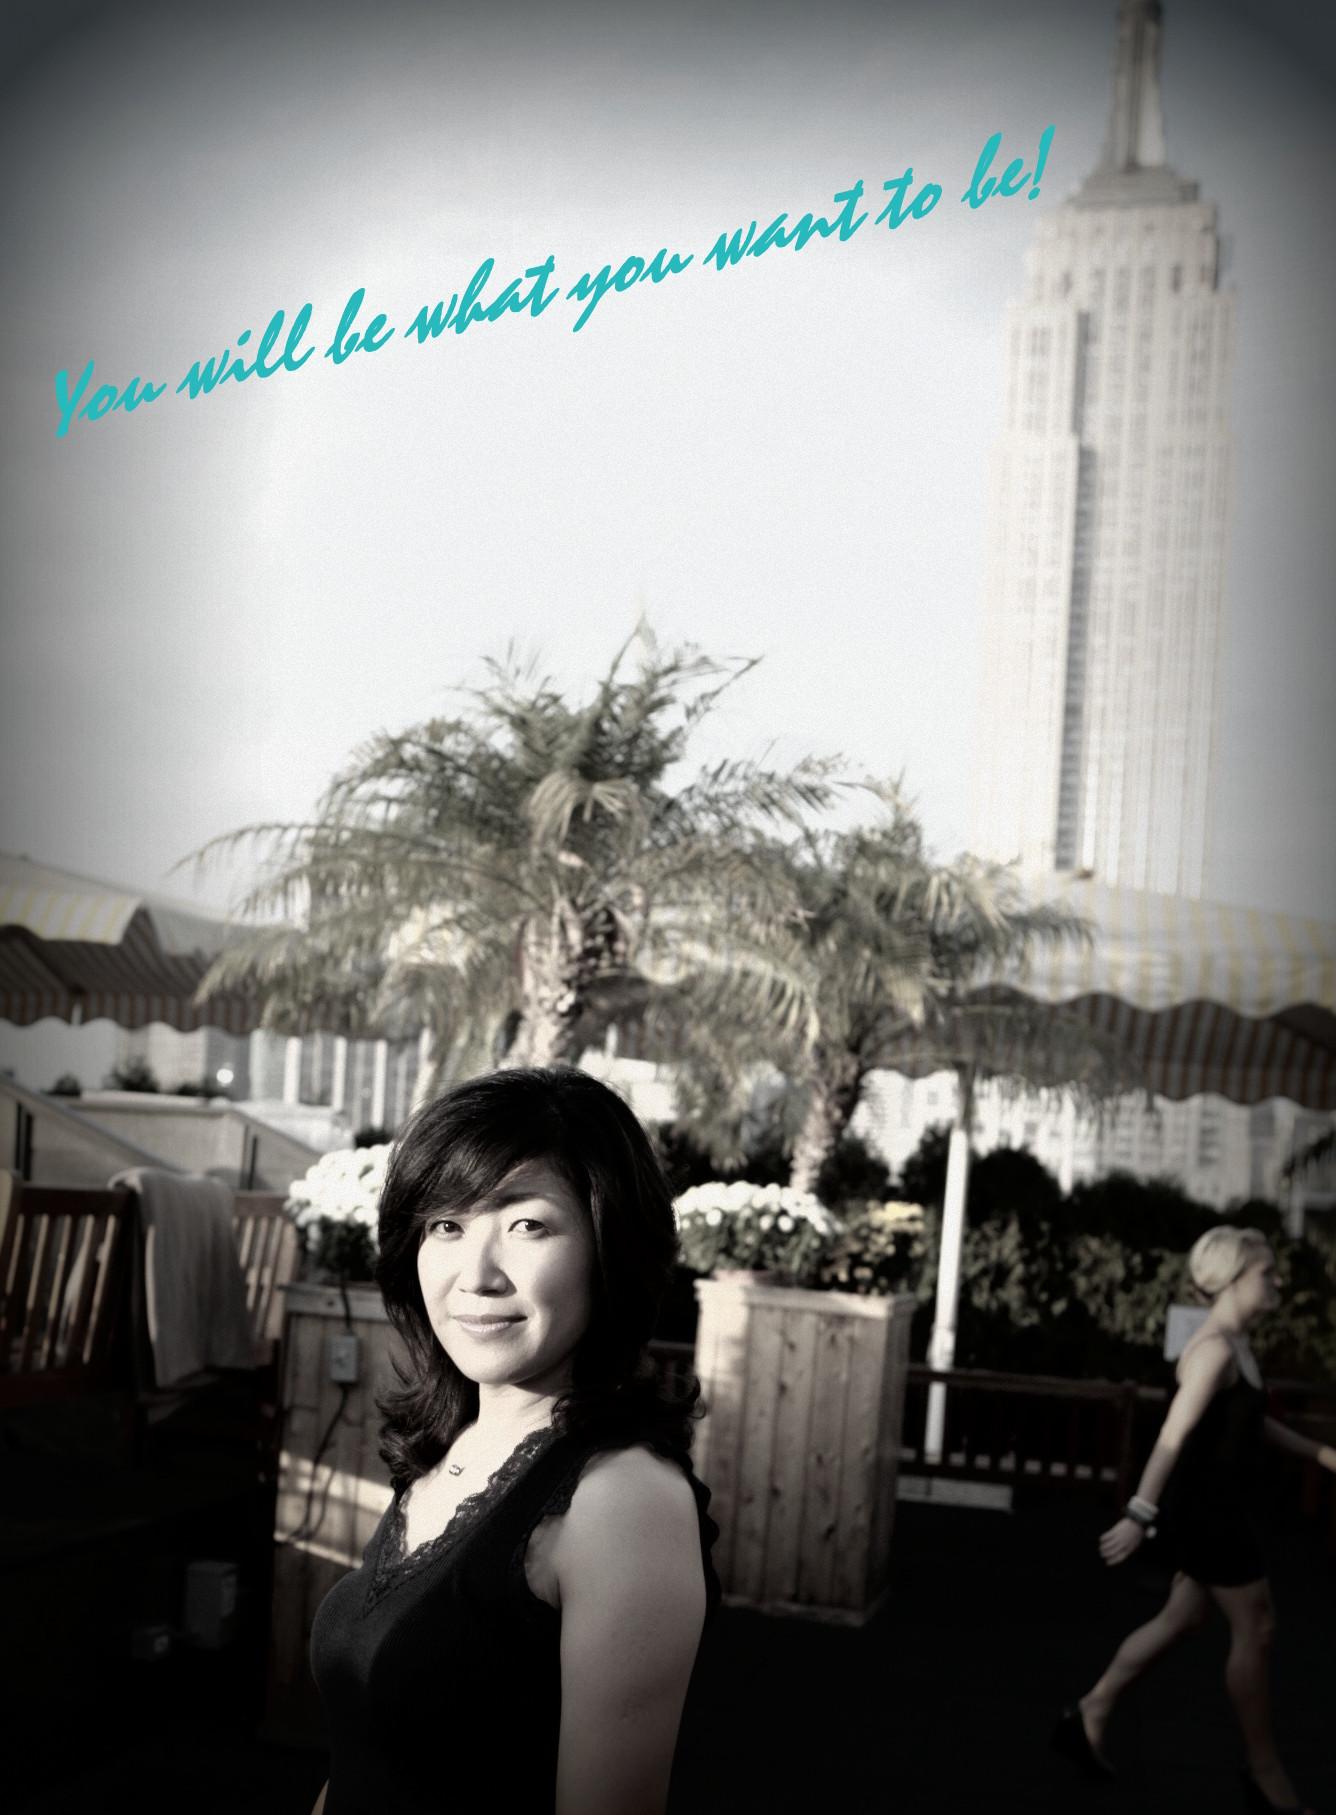 『 もうがんばらなくていい!自分らしく夢を叶える3つの法則 』佐藤伝さんの朝カフェに登場します♪_e0142585_14294245.jpg